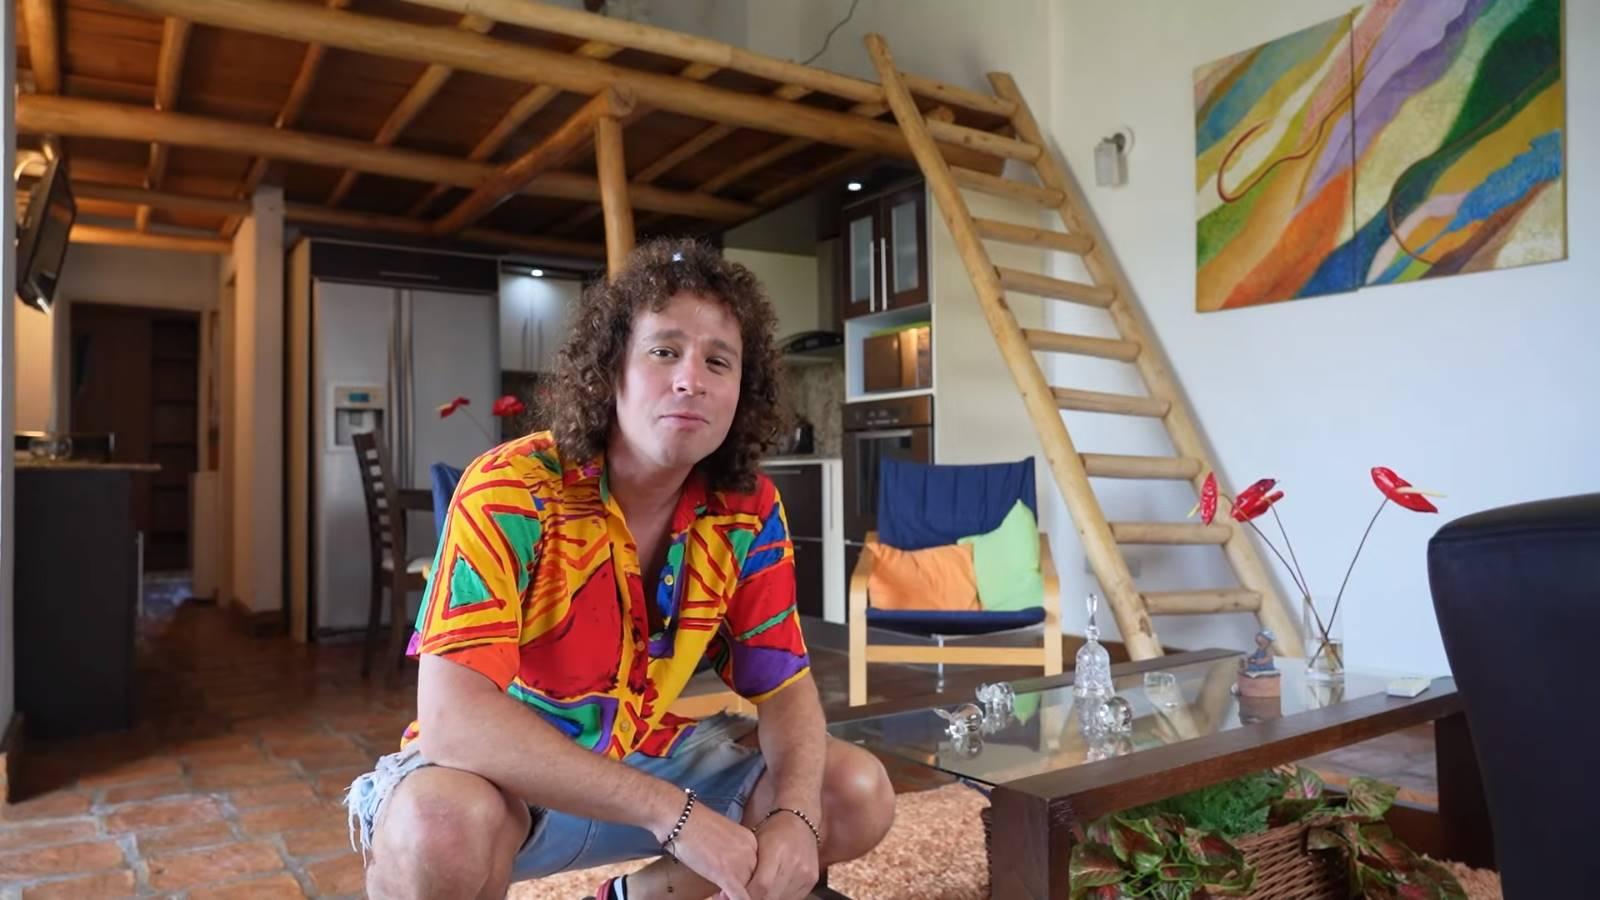 Gracias a crisis en Venezuela, 'Luisito Comunica' compra una casa de playa